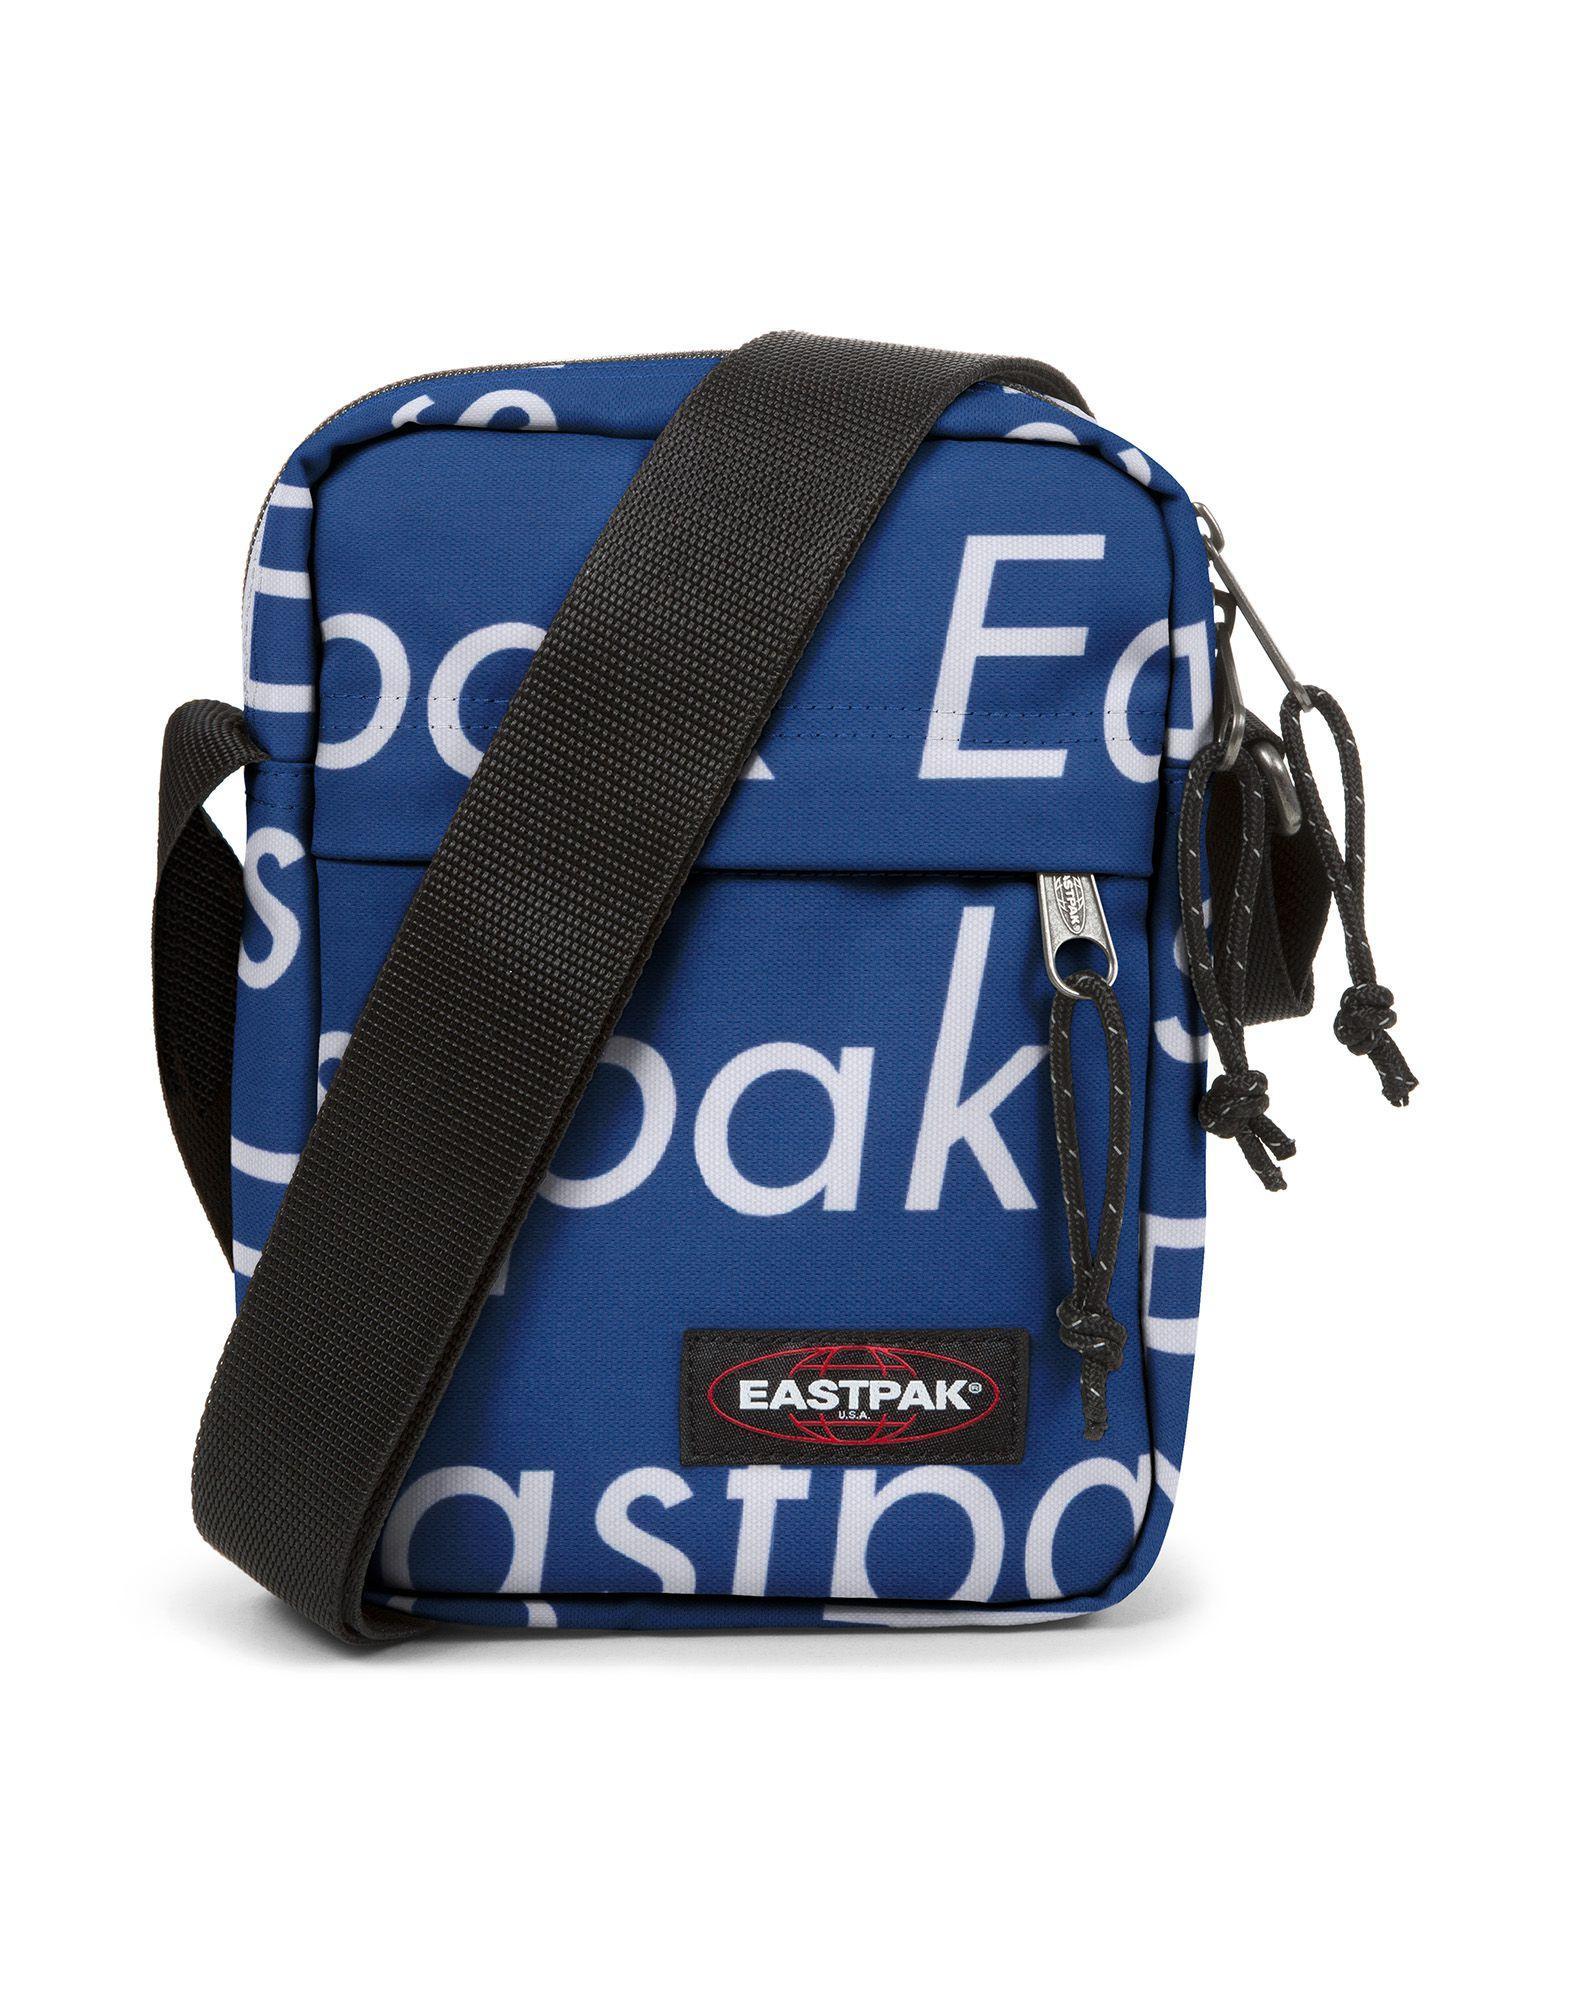 0255f26d2de3 Женские сумки синего цвета Eastpak купить в интернет магазине ...